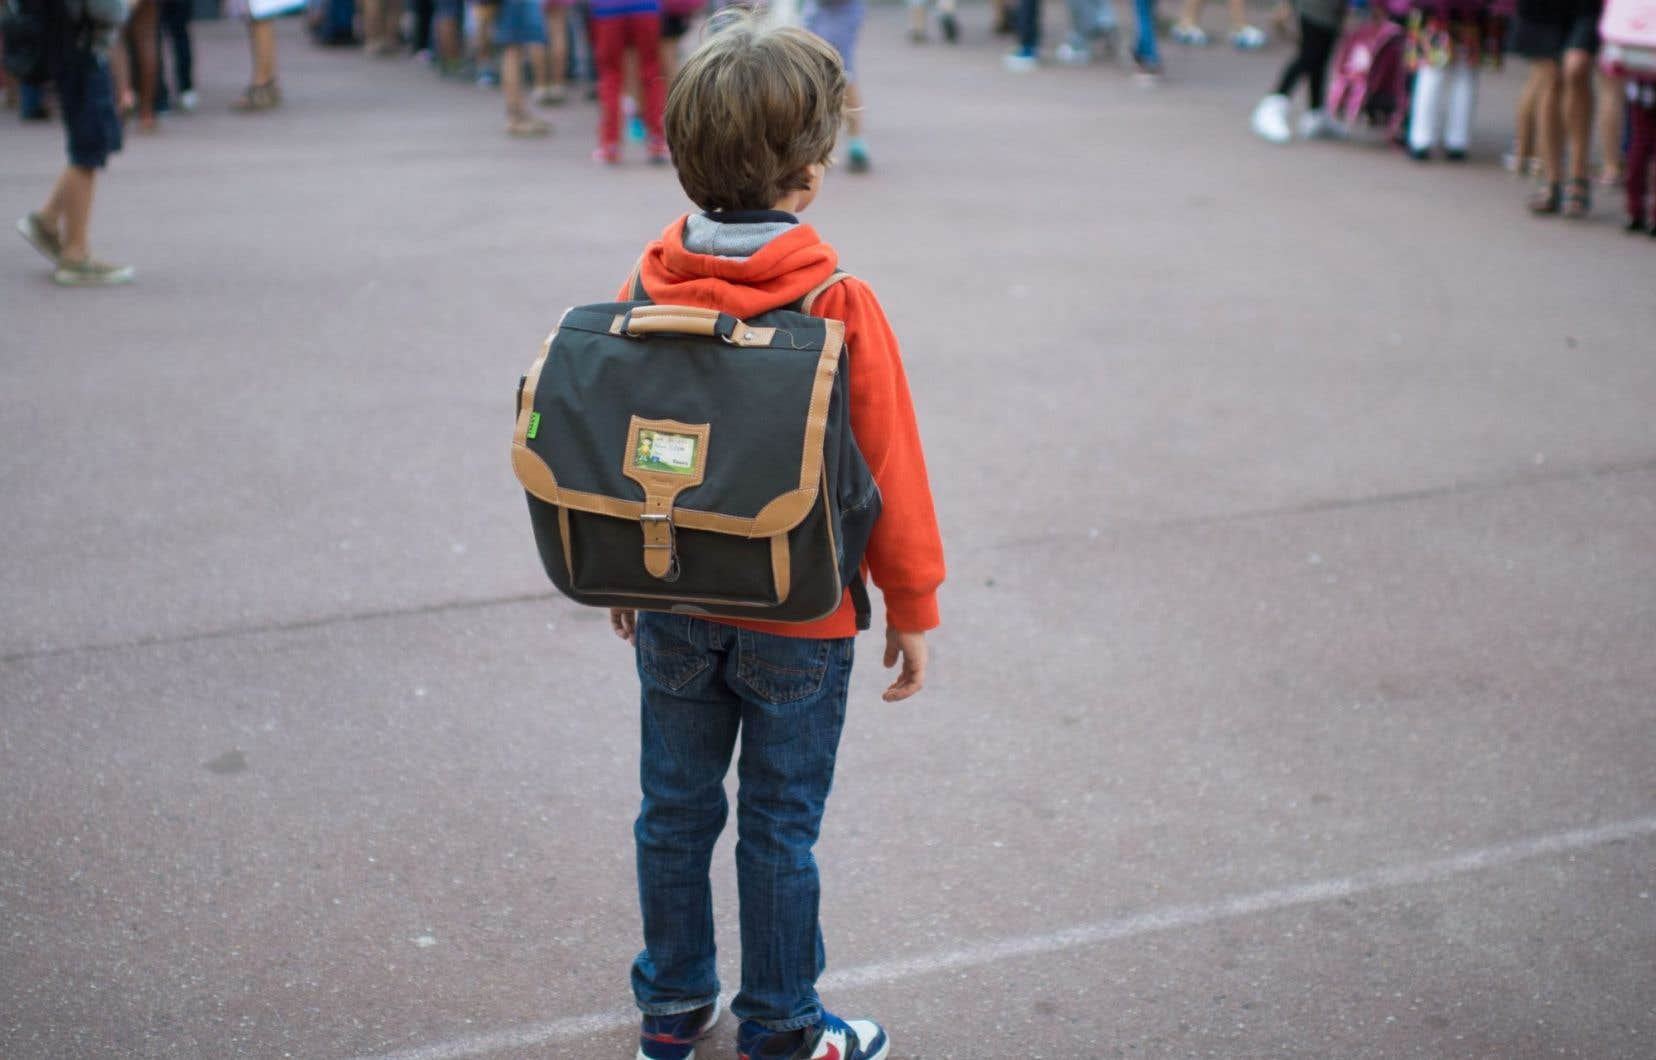 «L'arrivée au secondaire sera l'occasion d'un grand tri entre les élèves, entre ceux qui nepeuvent paset ceux quipeuvent», raconte l'auteure.